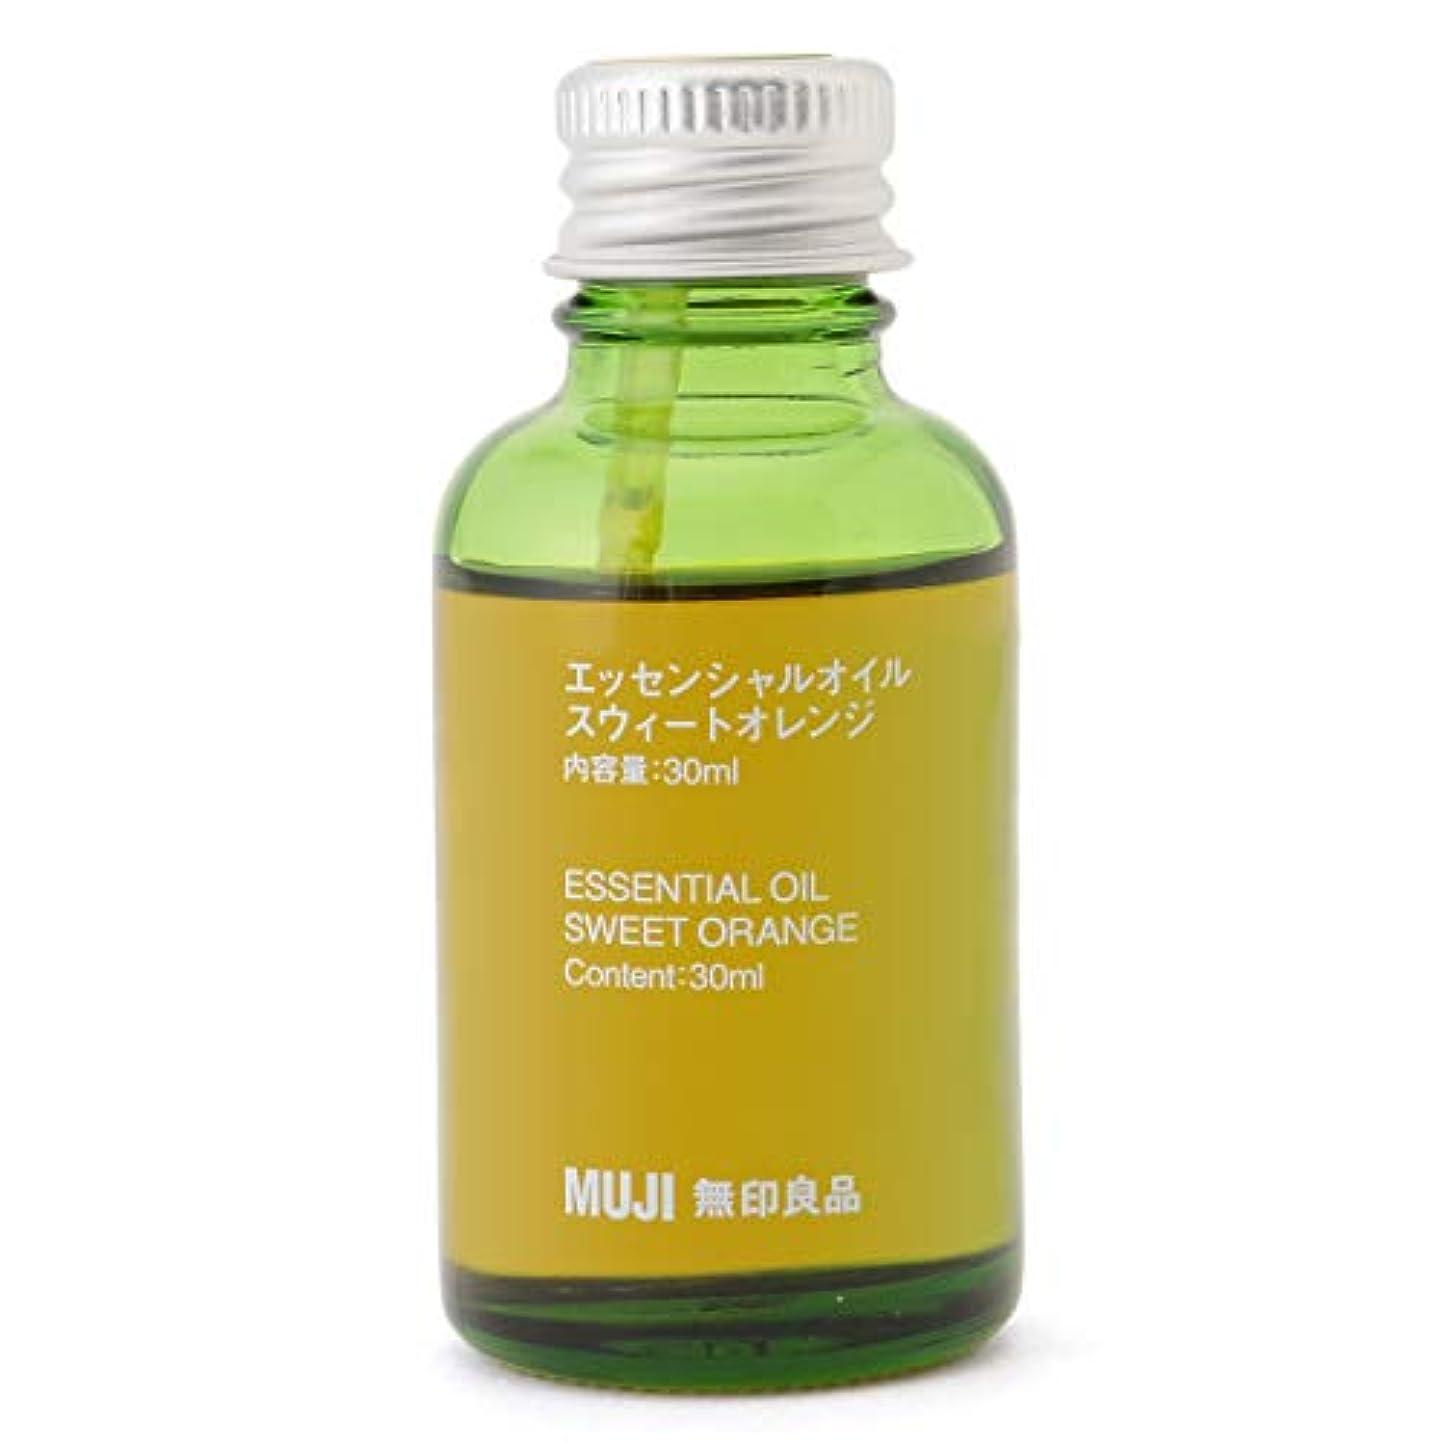 戦うブームドック【無印良品】エッセンシャルオイル30ml(スウィートオレンジ)